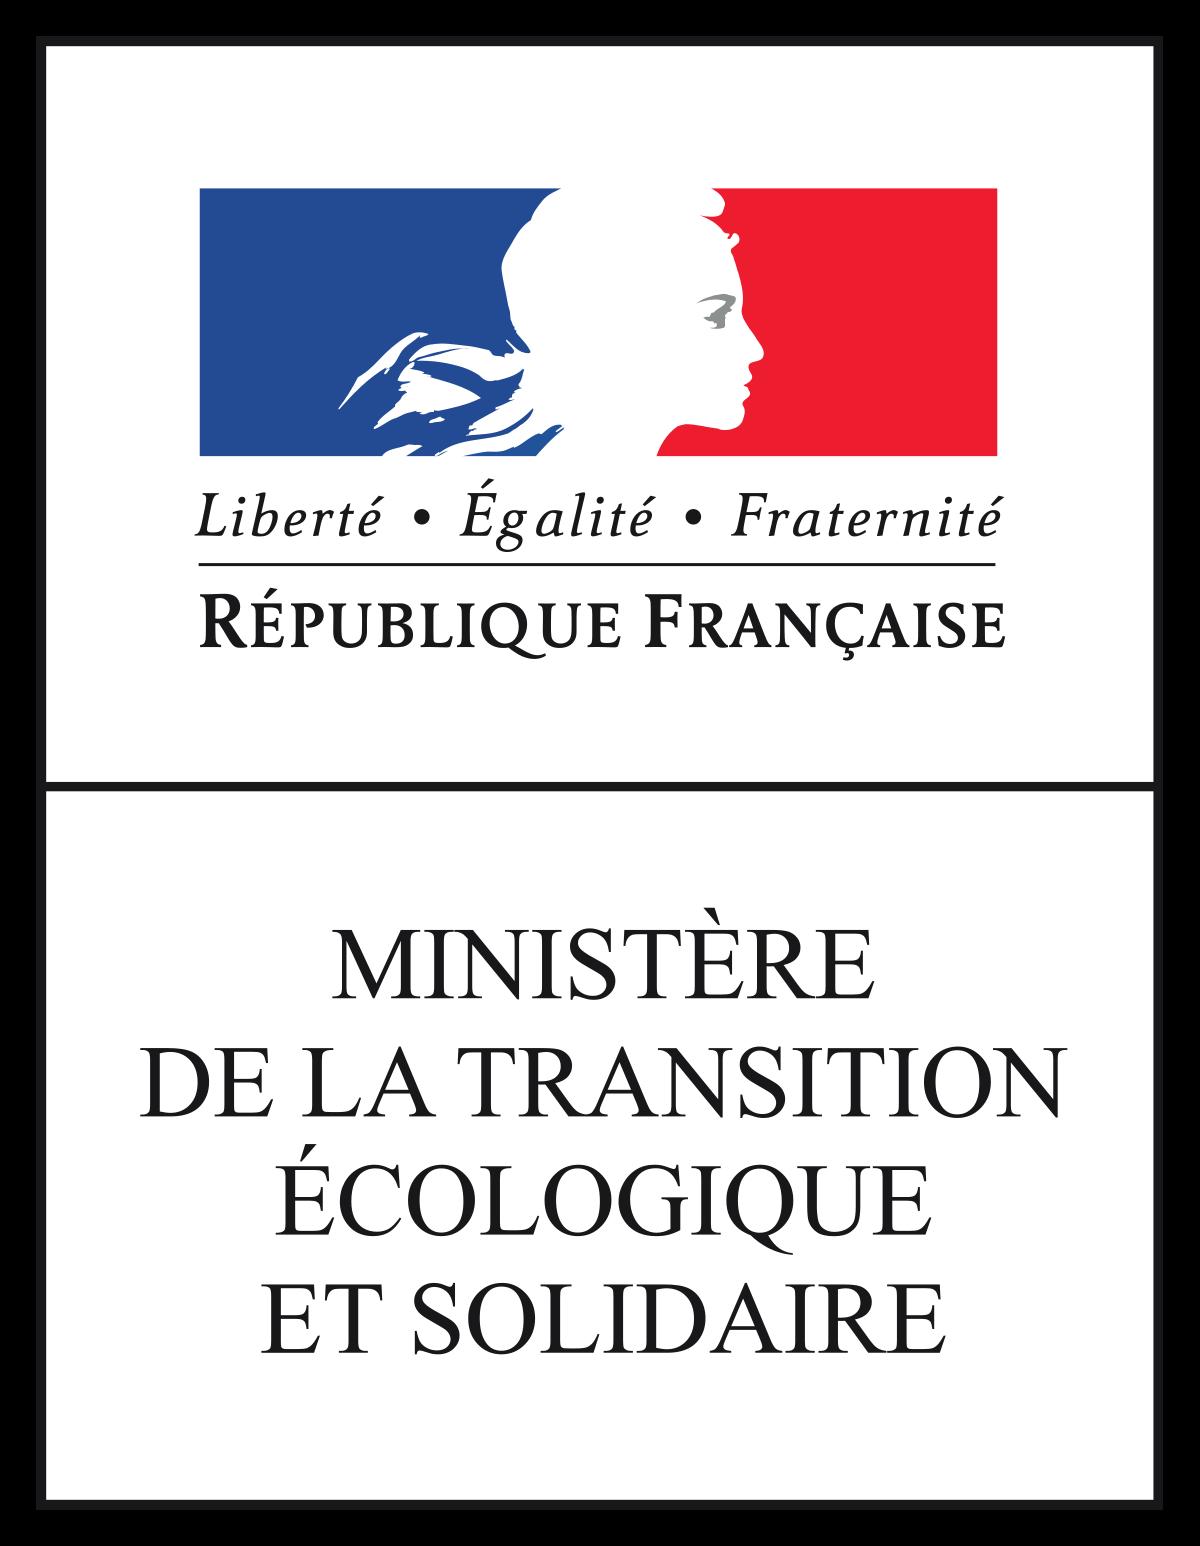 Ministère de la Transition Ecologique Solidaire